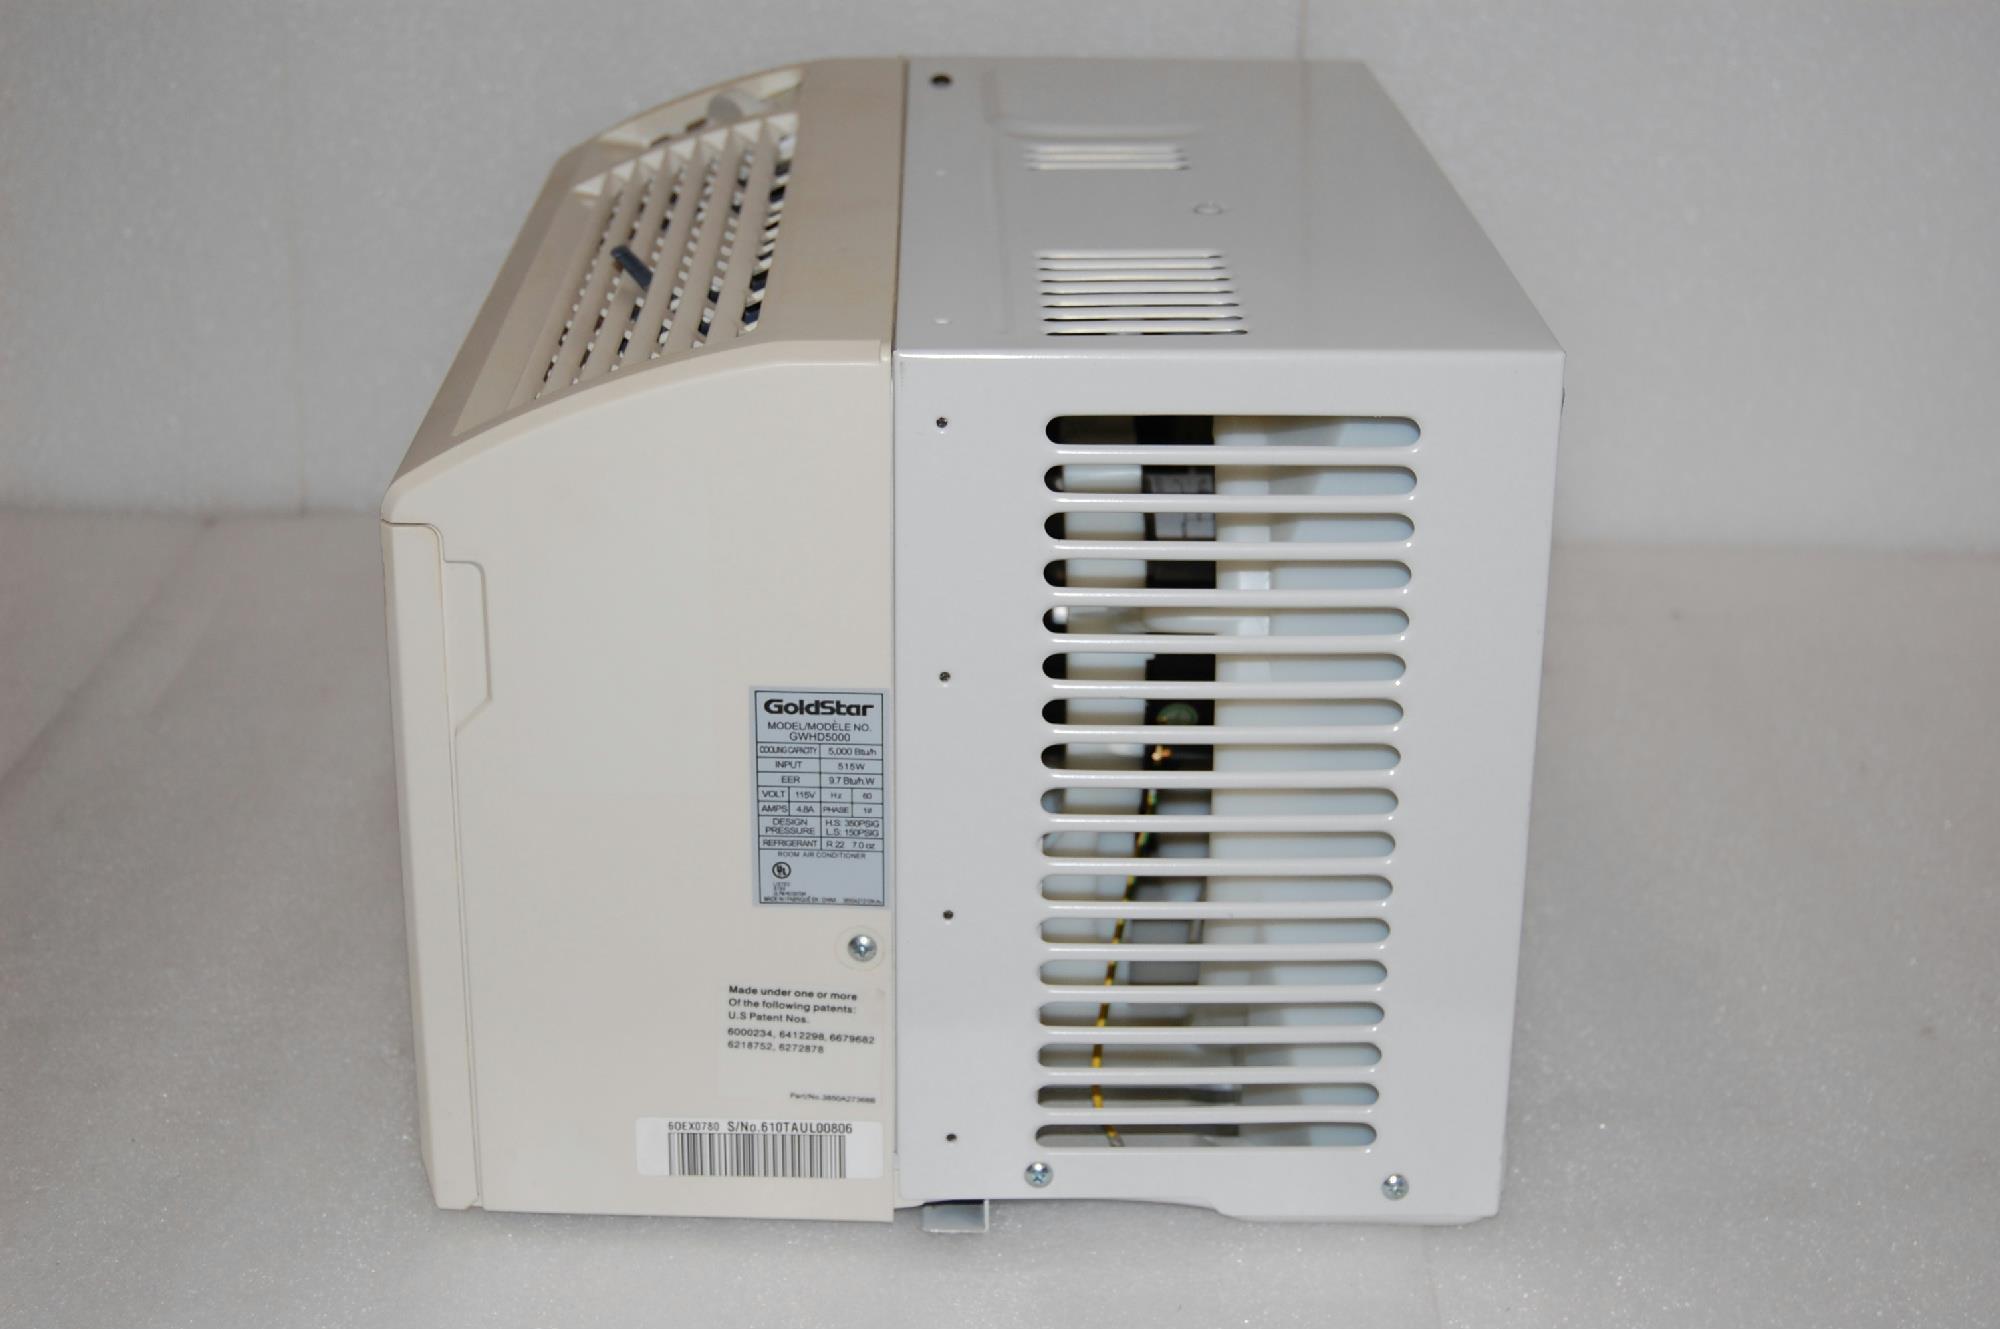 LG Goldstar GWHD5000 5000 BTU Window Air Conditioner 80005519 eBay #59503E